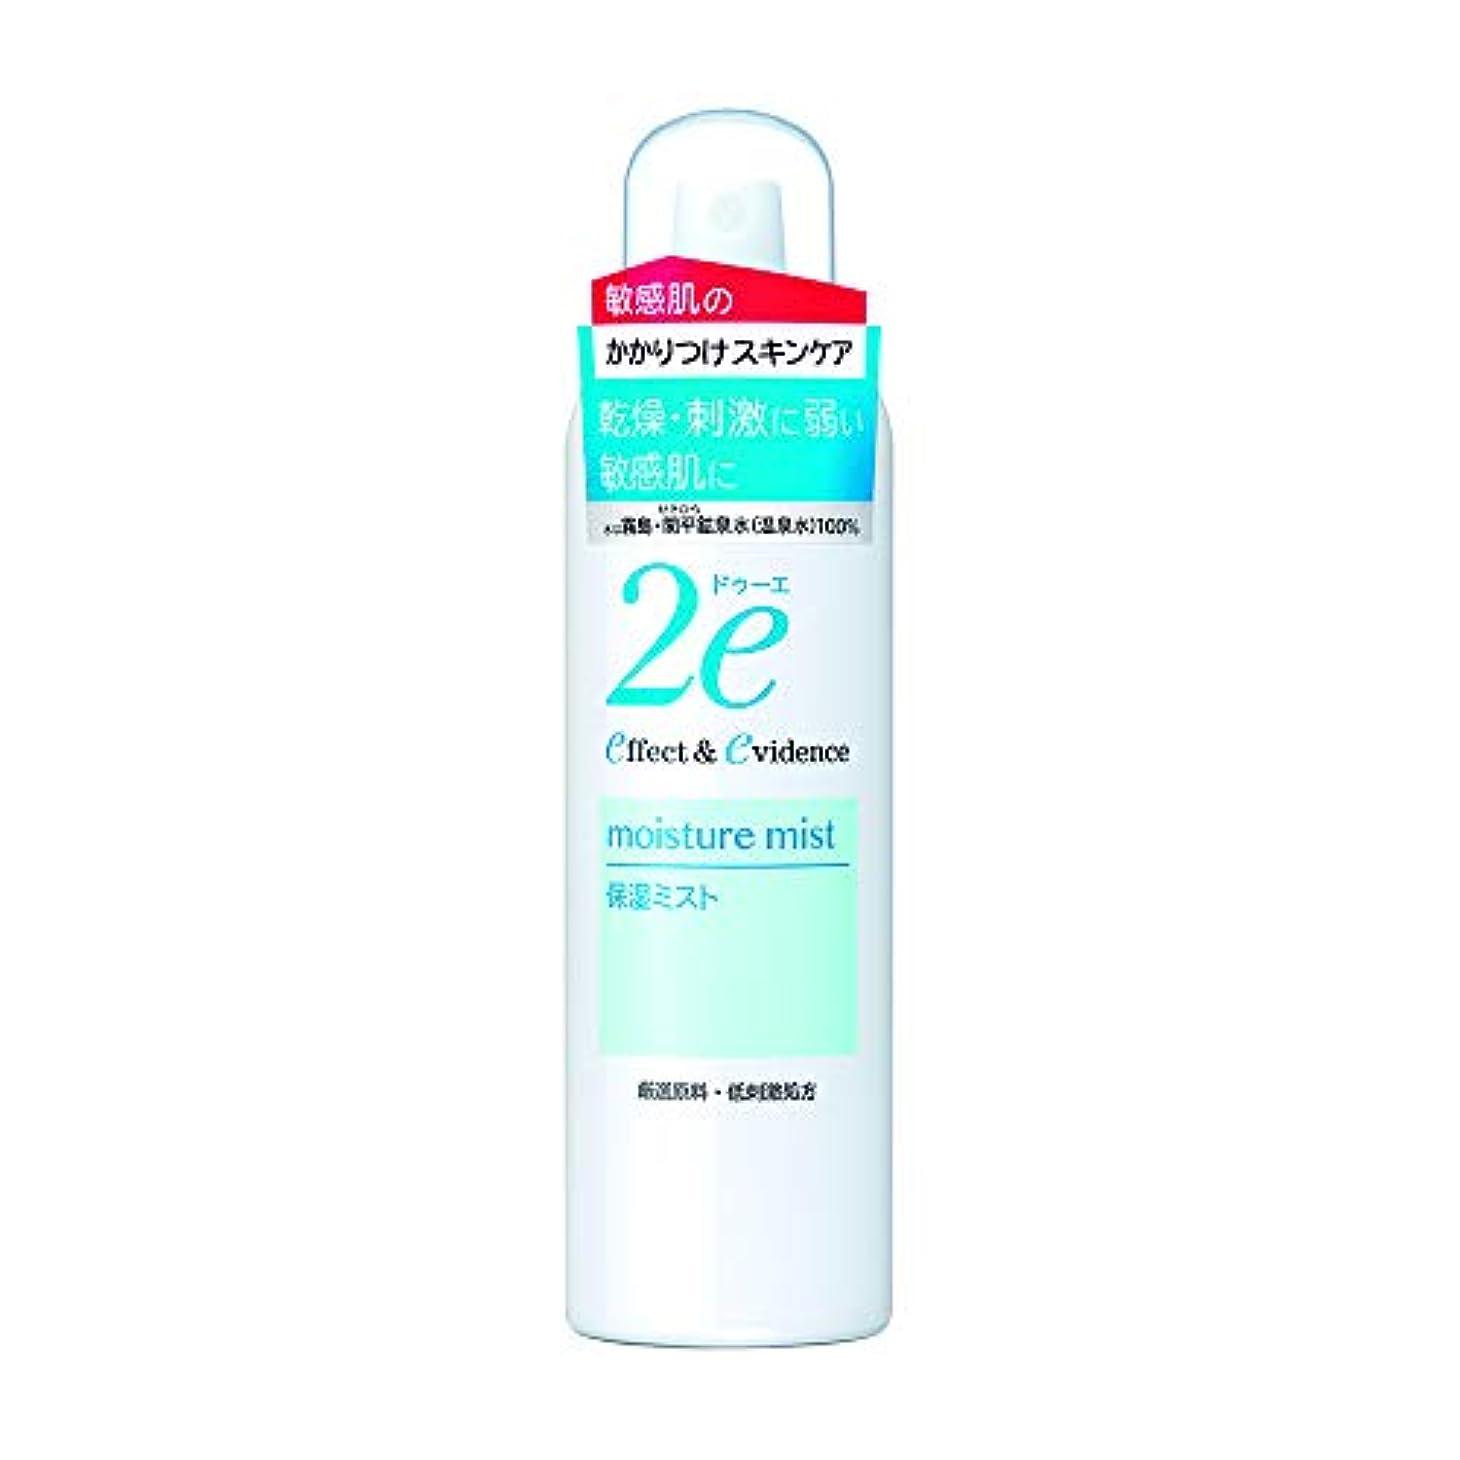 スパイラル彼らの魂2e(ドゥーエ) 保湿ミスト 敏感肌用化粧水 スプレータイプ 低刺激処方 180g